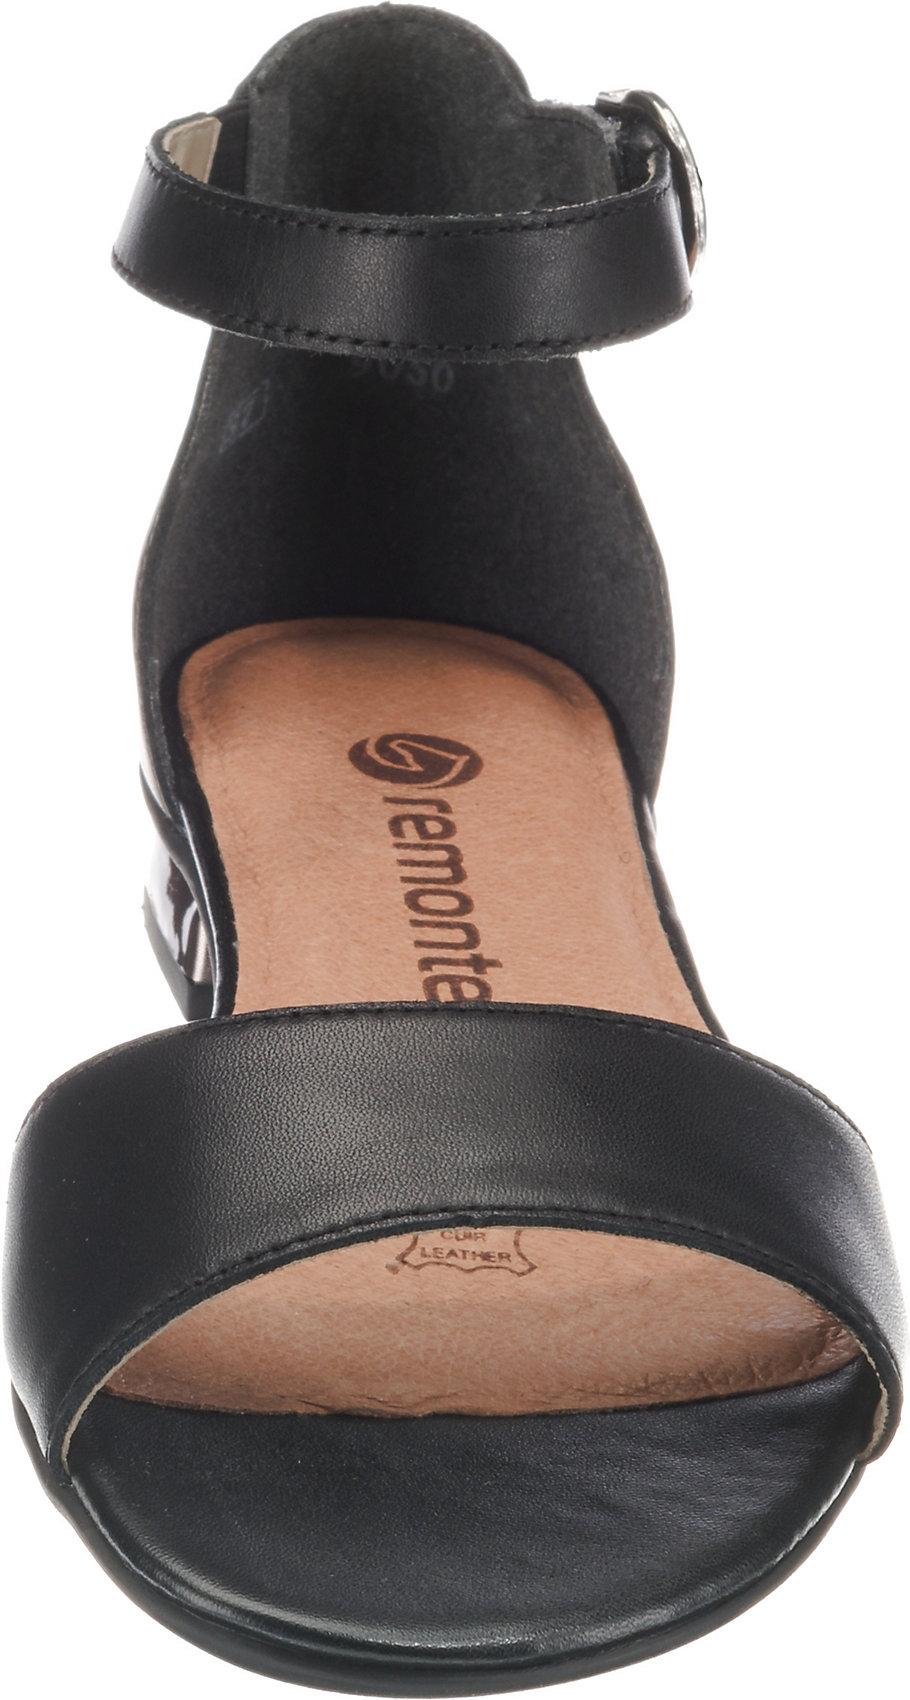 Neu remonte Klassische Sandalen 9634966 für für für Damen